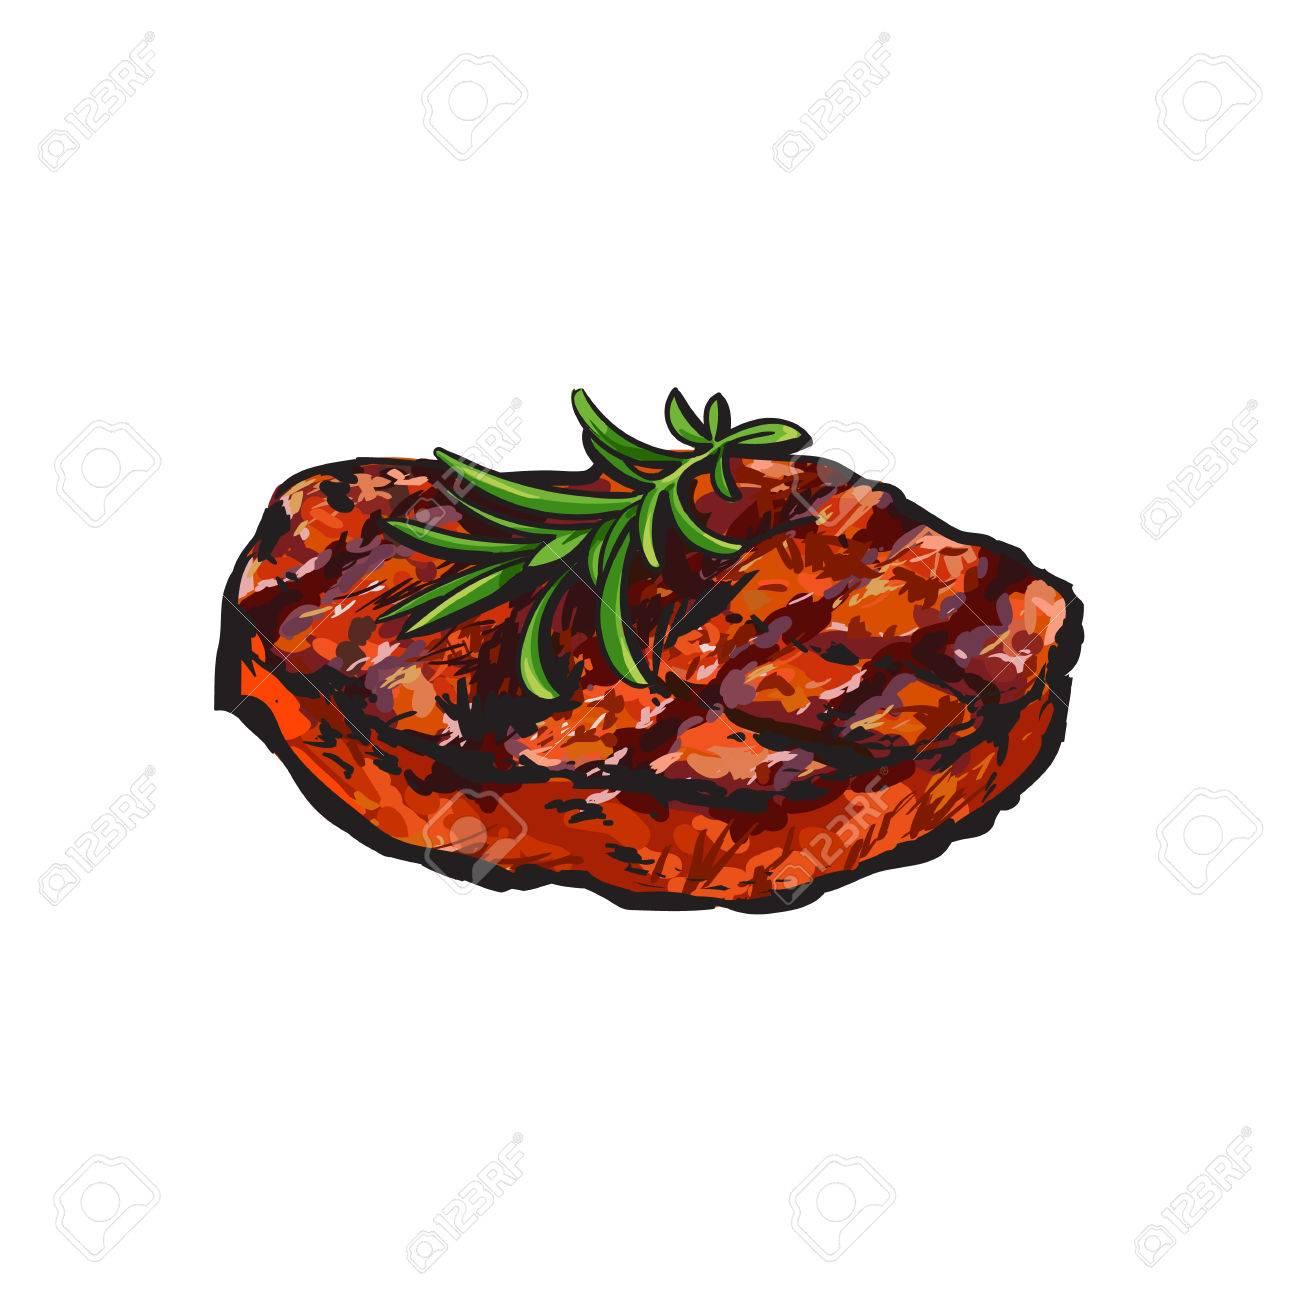 Steak De Boeuf Grille Beefsteak Au Romarin Illustration Vectorielle De Style Croquis Sur Fond Blanc Dessin A La Main Realiste D Une Piece Grillee